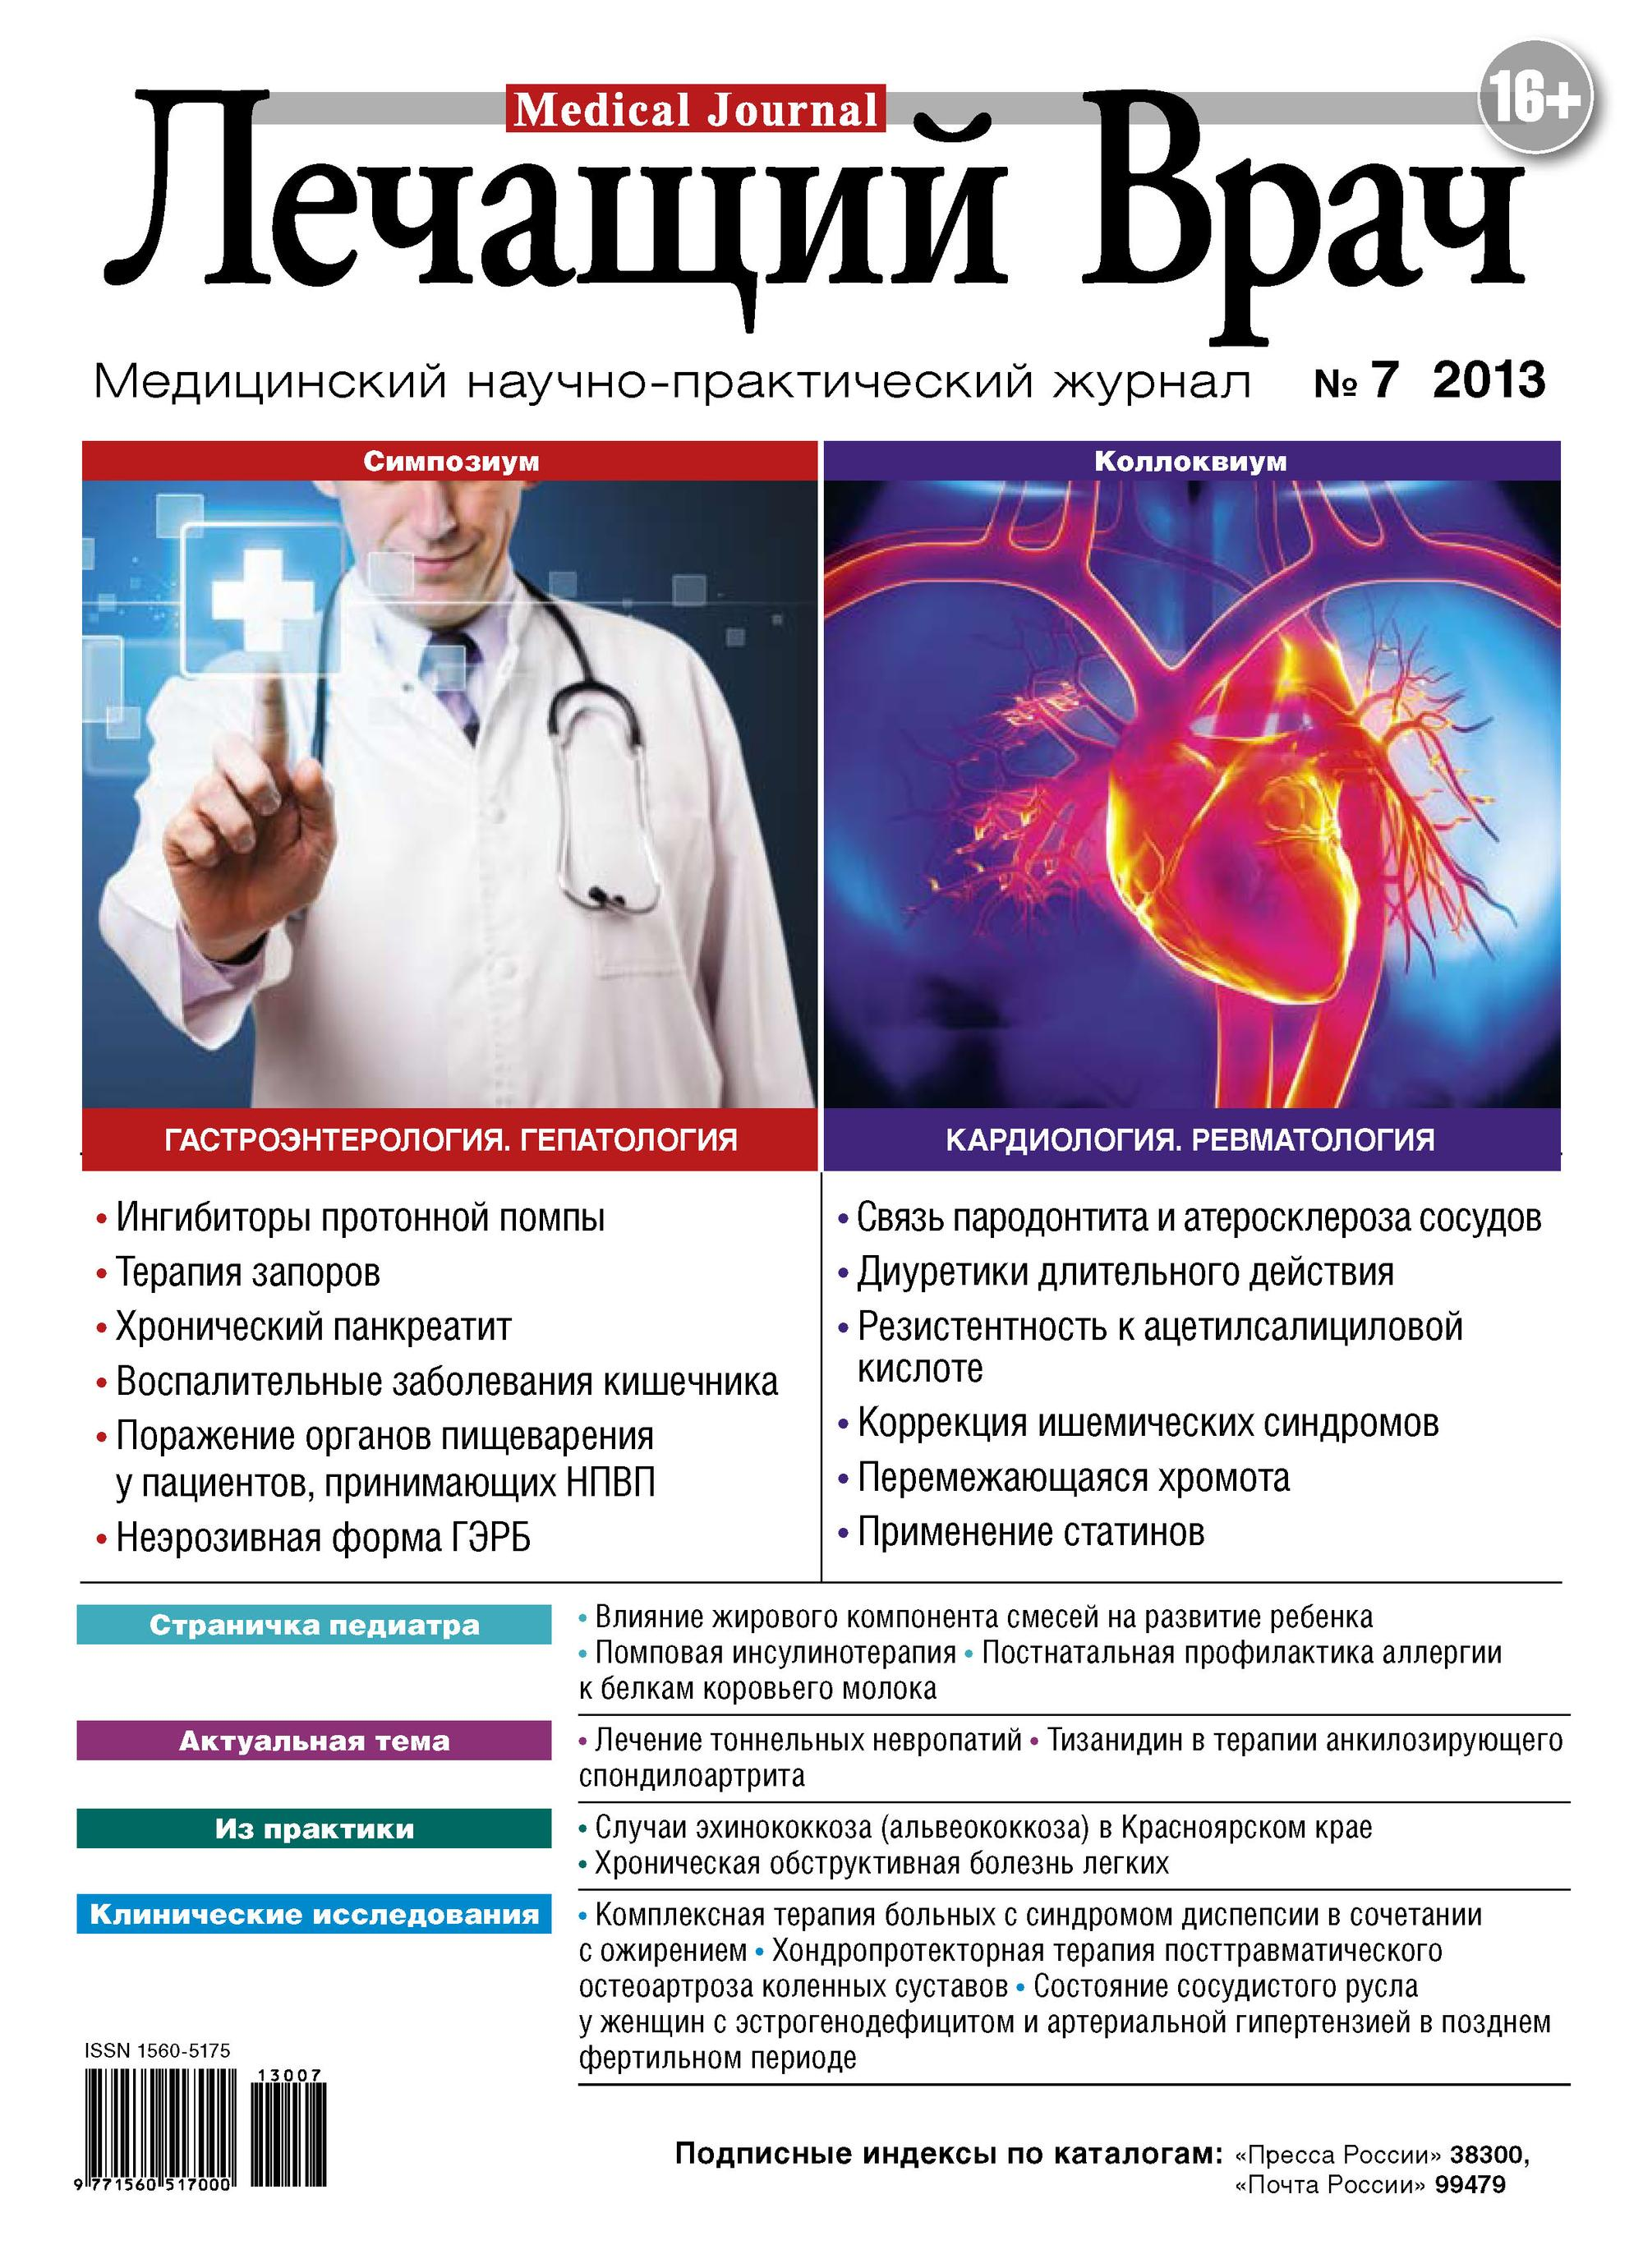 Открытые системы Журнал «Лечащий Врач» №07/2013 открытые системы журнал лечащий врач 02 2013